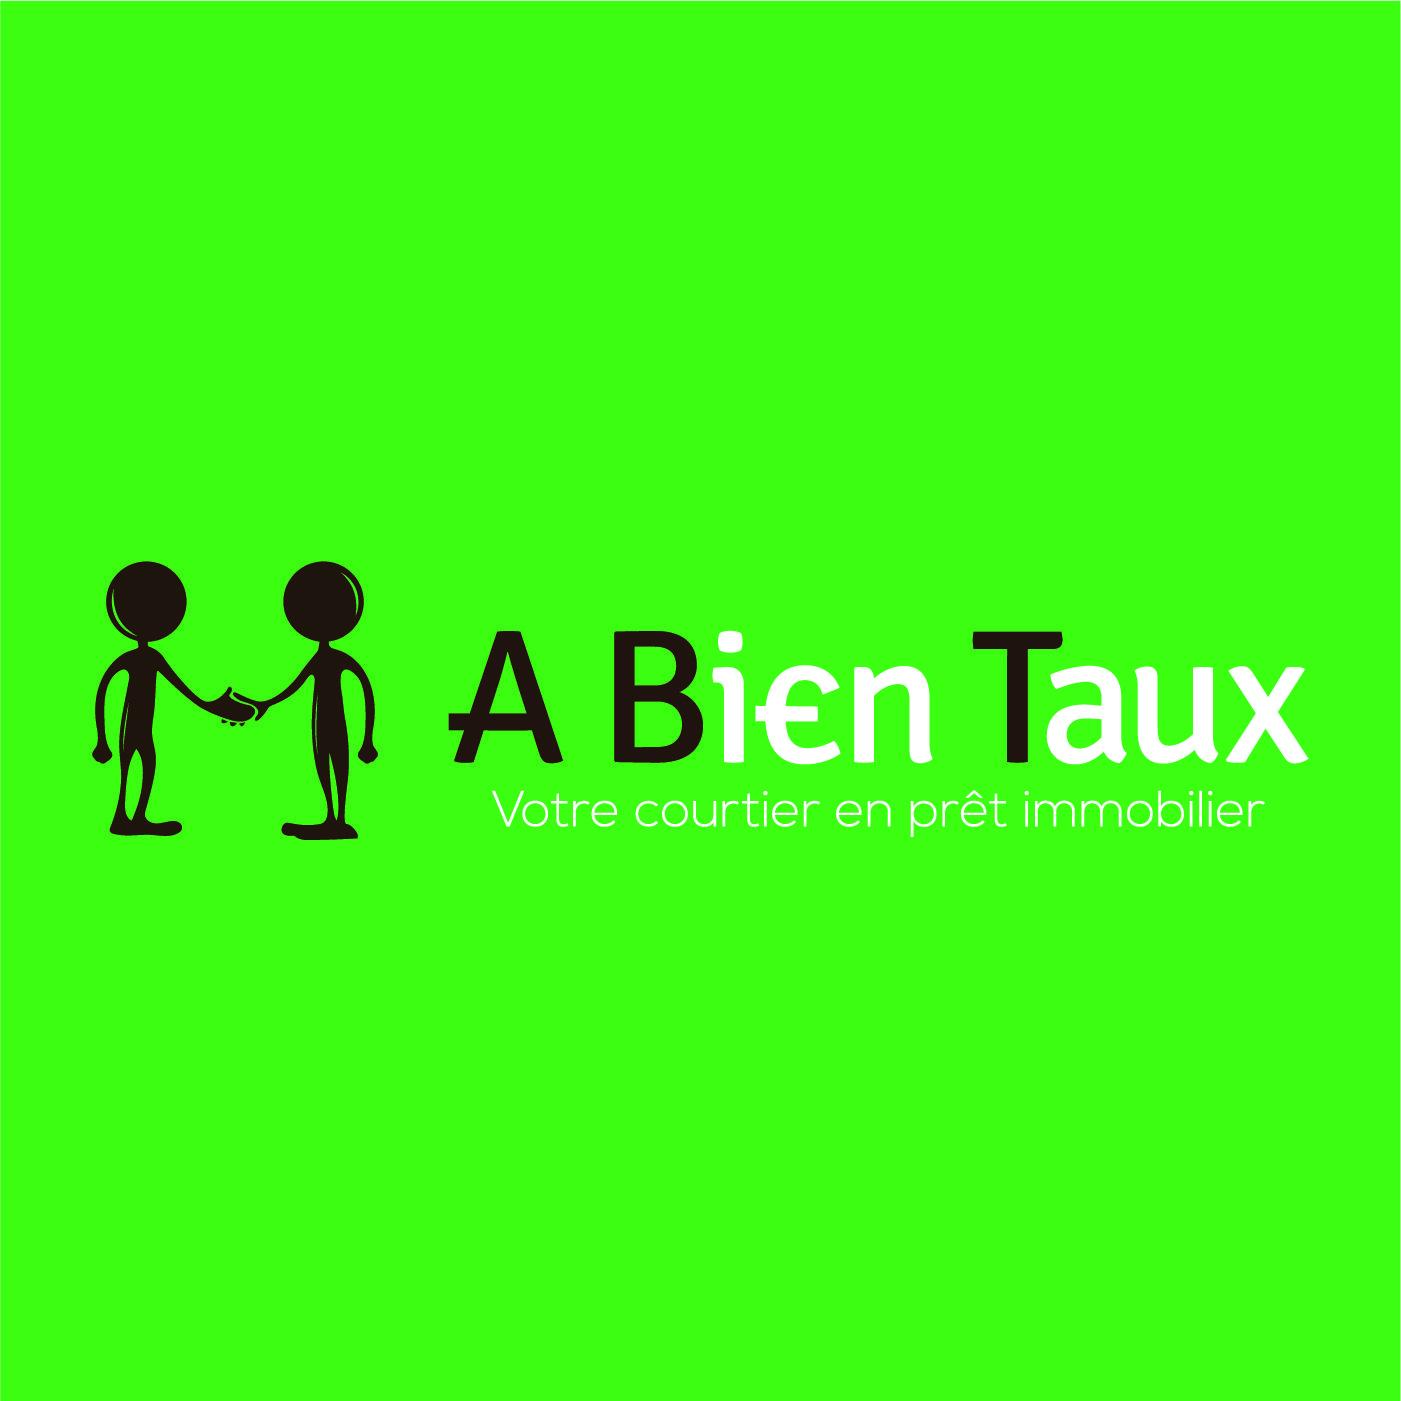 A Bien Taux Olivier Dupont banque